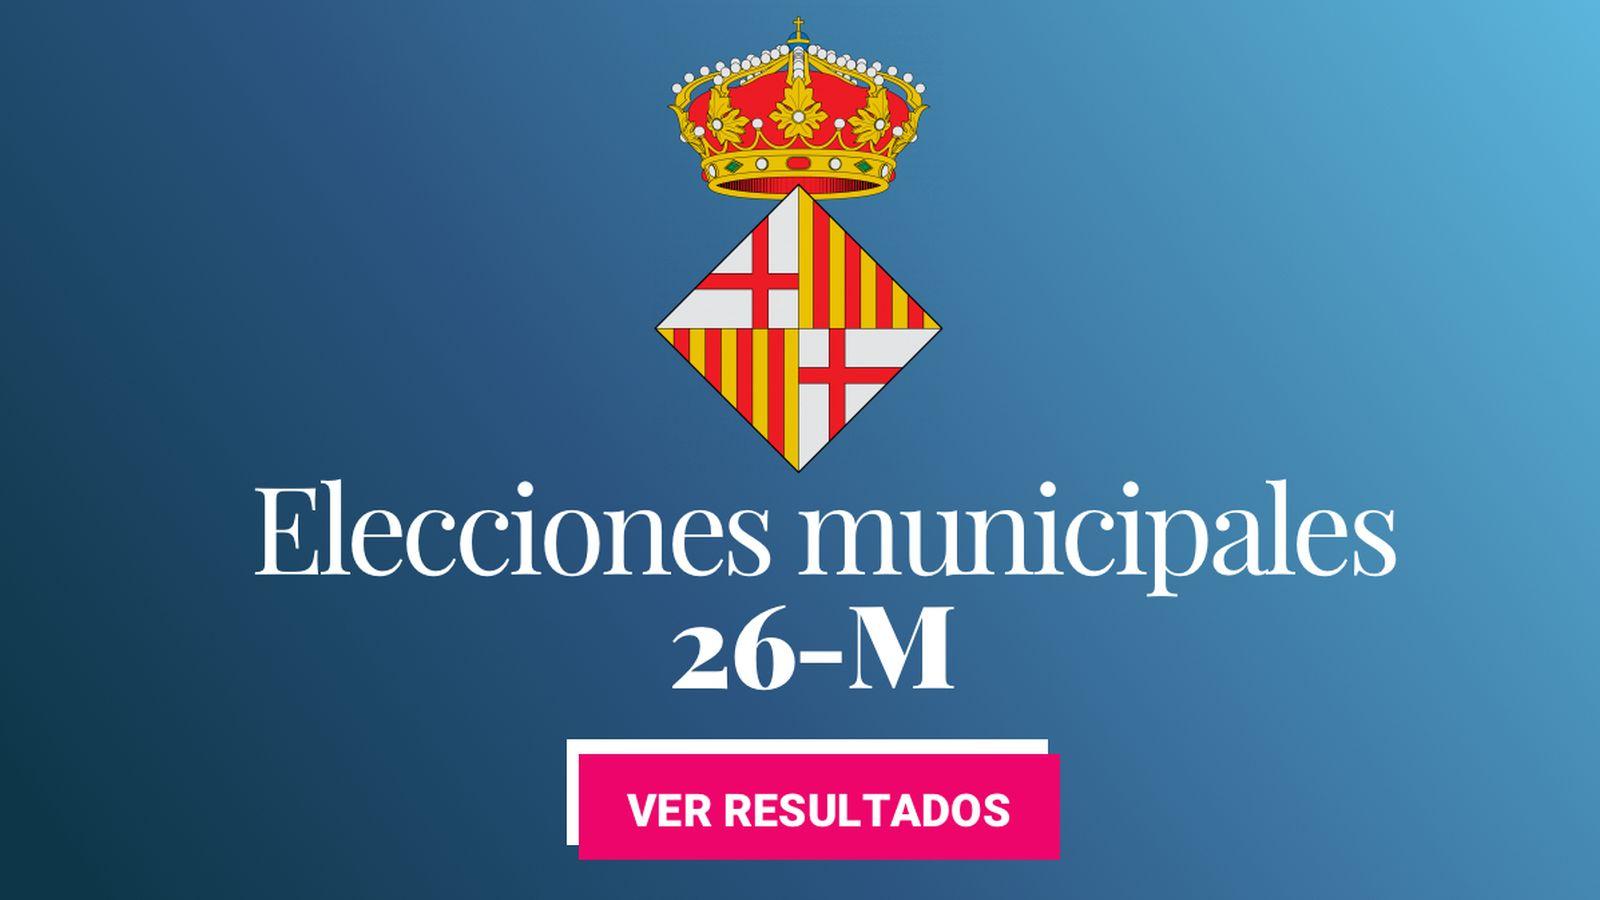 Foto: Elecciones municipales 2019 en Barcelona. (C.C./EC)